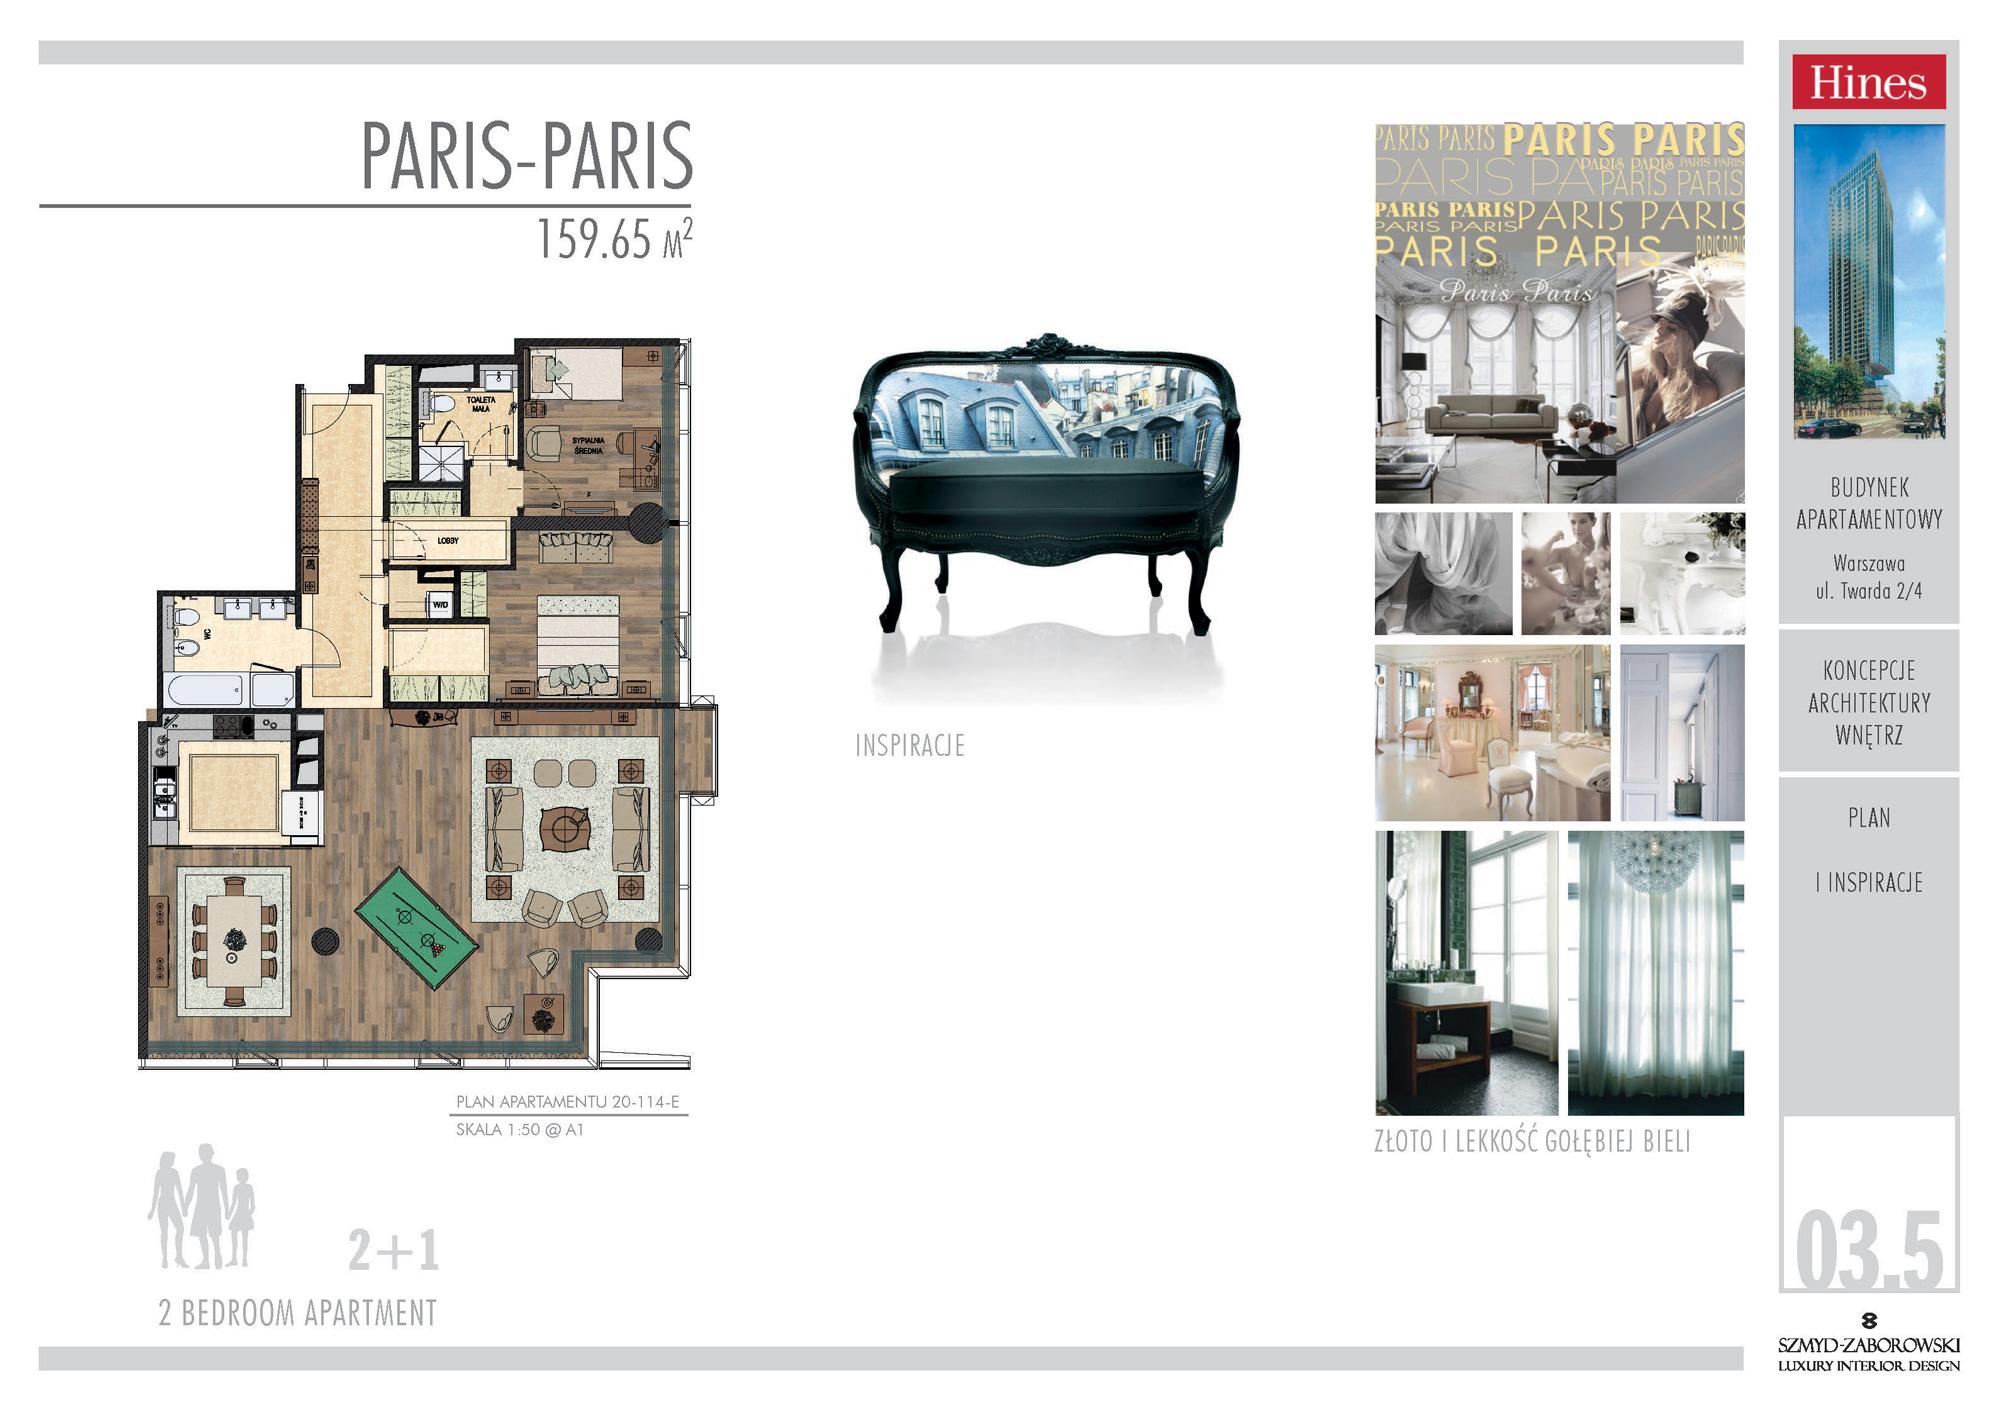 Projekt apartamentu w stylu Paris - Paris